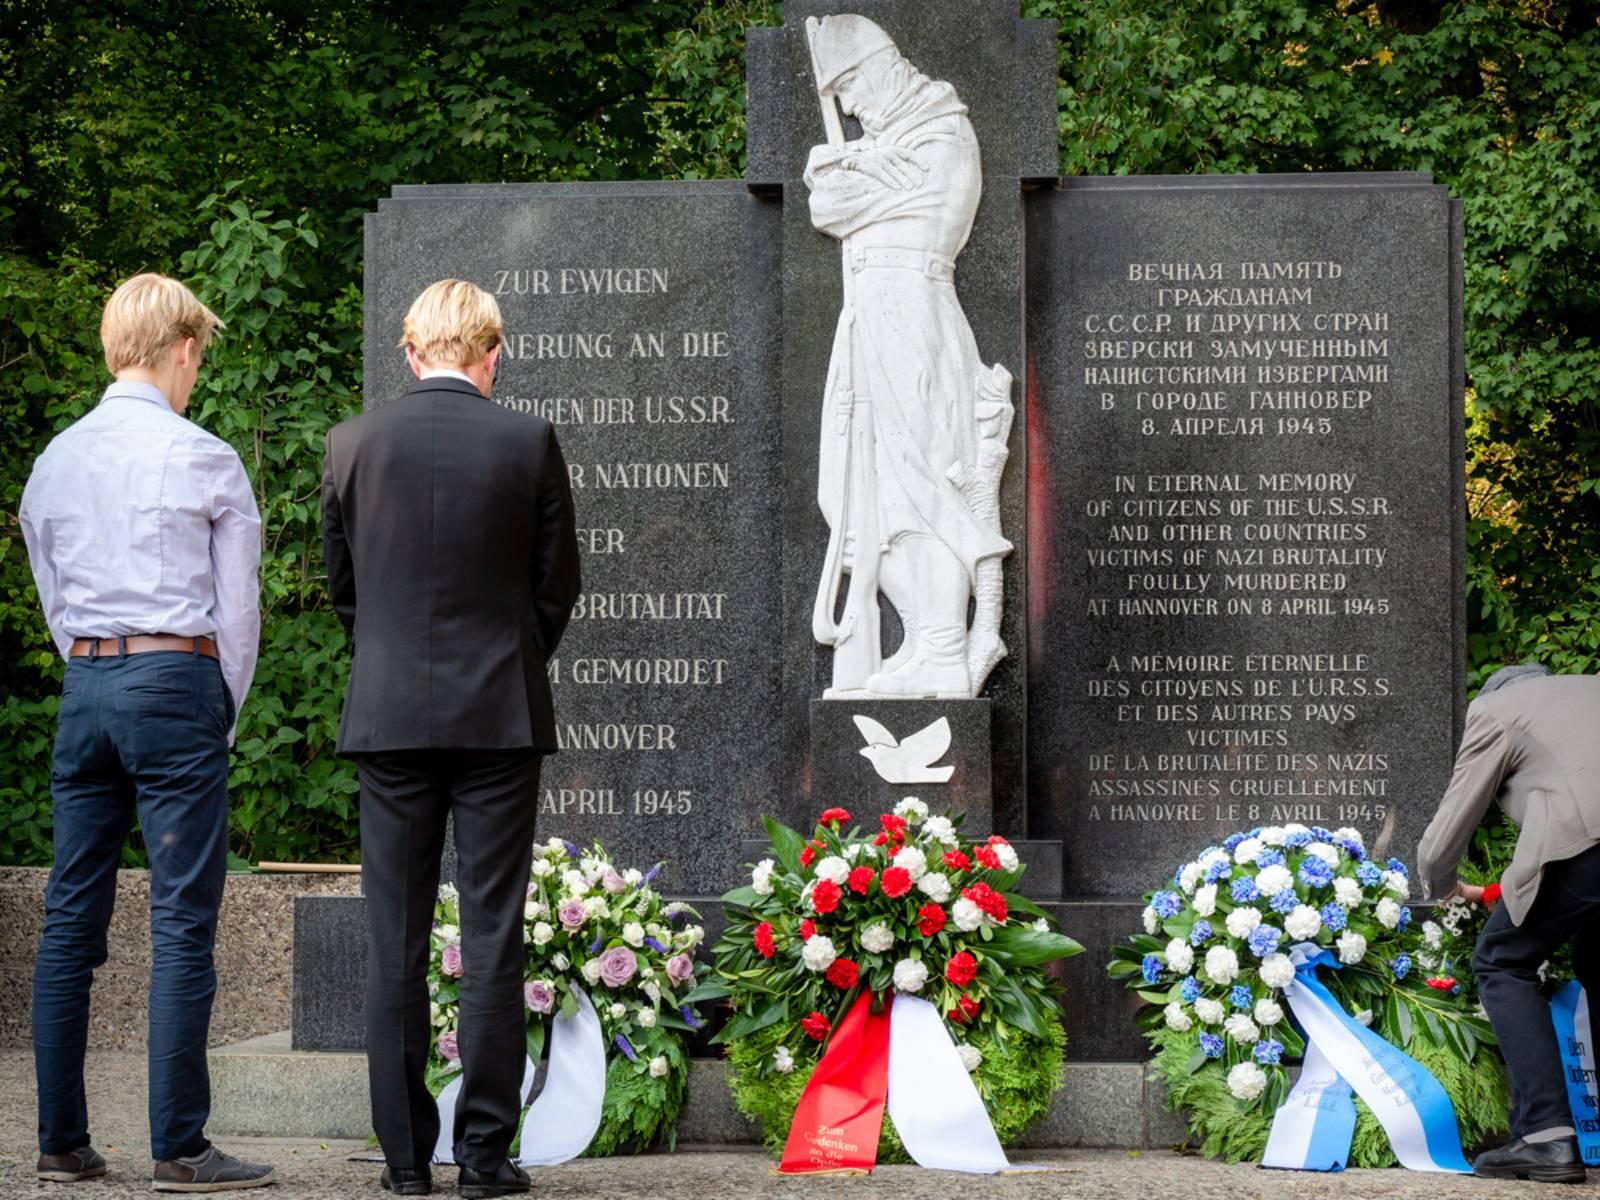 Zwei junge Menschen stehen vor dem Mahnmal auf dem Ehrenfriedhof am Maschsee-Nordufer und halten inne